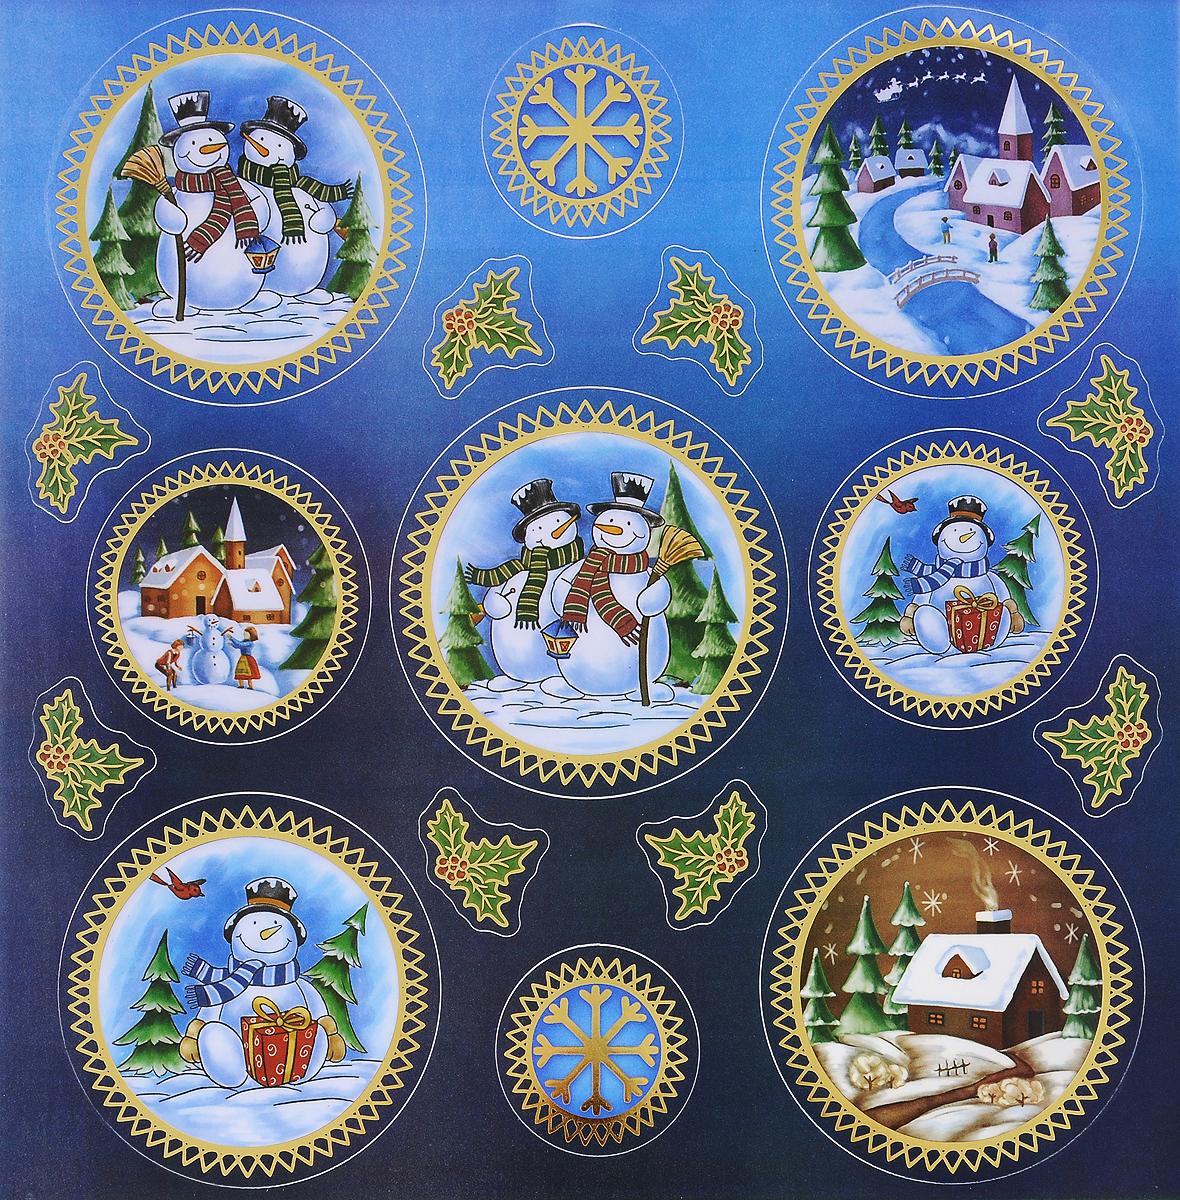 Украшение новогоднее оконное Winter Wings Снеговики, 16 штN09289Новогоднее оконное украшение Winter Wings Снеговики поможет украсить дом к предстоящим праздникам. Наклейки изготовлены из ПВХ. С помощью этих украшений вы сможете оживить интерьер по своему вкусу, наклеить их на окно, на зеркало или на дверь. Новогодние украшения всегда несут в себе волшебство и красоту праздника. Создайте в своем доме атмосферу тепла, веселья и радости, украшая его всей семьей. Размер листа: 29,5 х 29 см. Количество наклеек на листе: 16 шт. Размер самой большой наклейки: 10 х 10 см. Размер самой маленькой наклейки: 3 х 4 см.